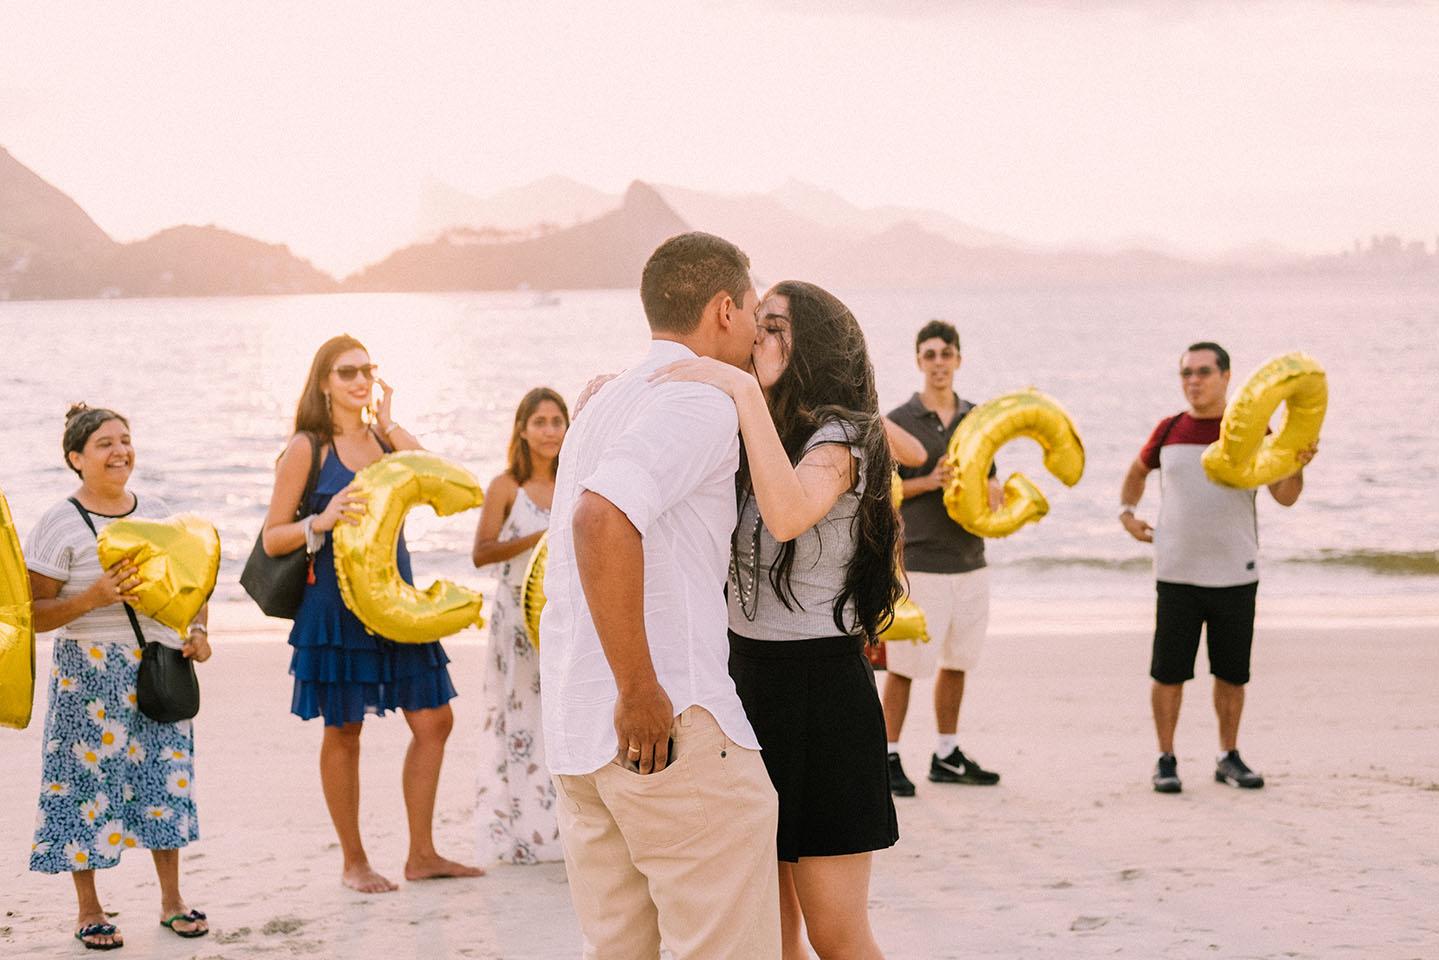 Pedido de Casamento no Rio de Janeiro - Pedido de Casamento no Rio de Janeiro